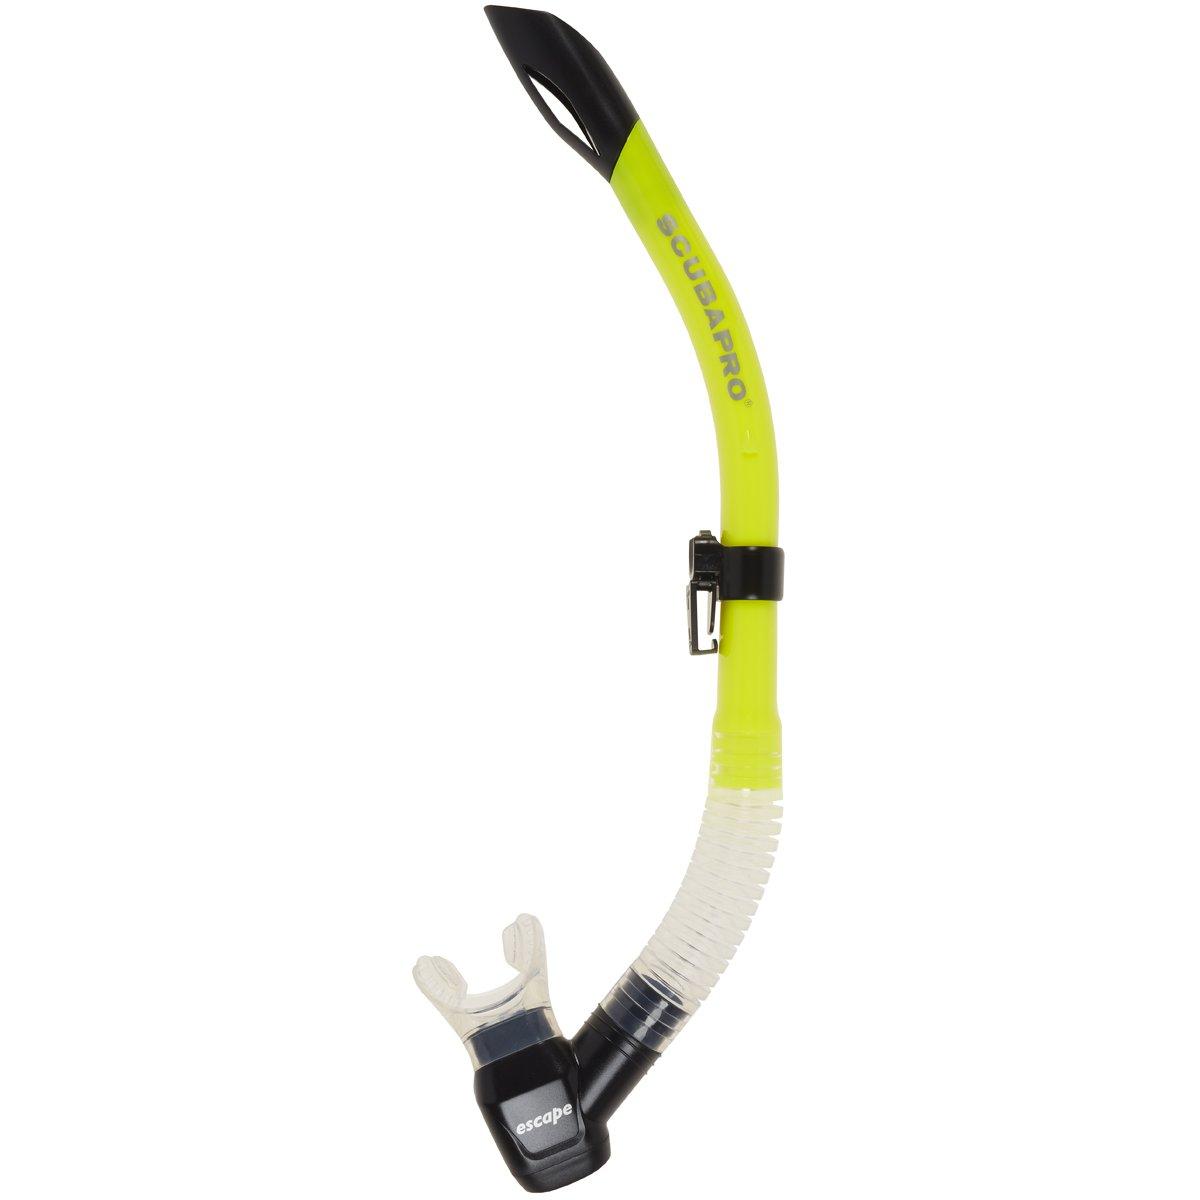 ScubaPro Escape Scuba Divers Snorkel